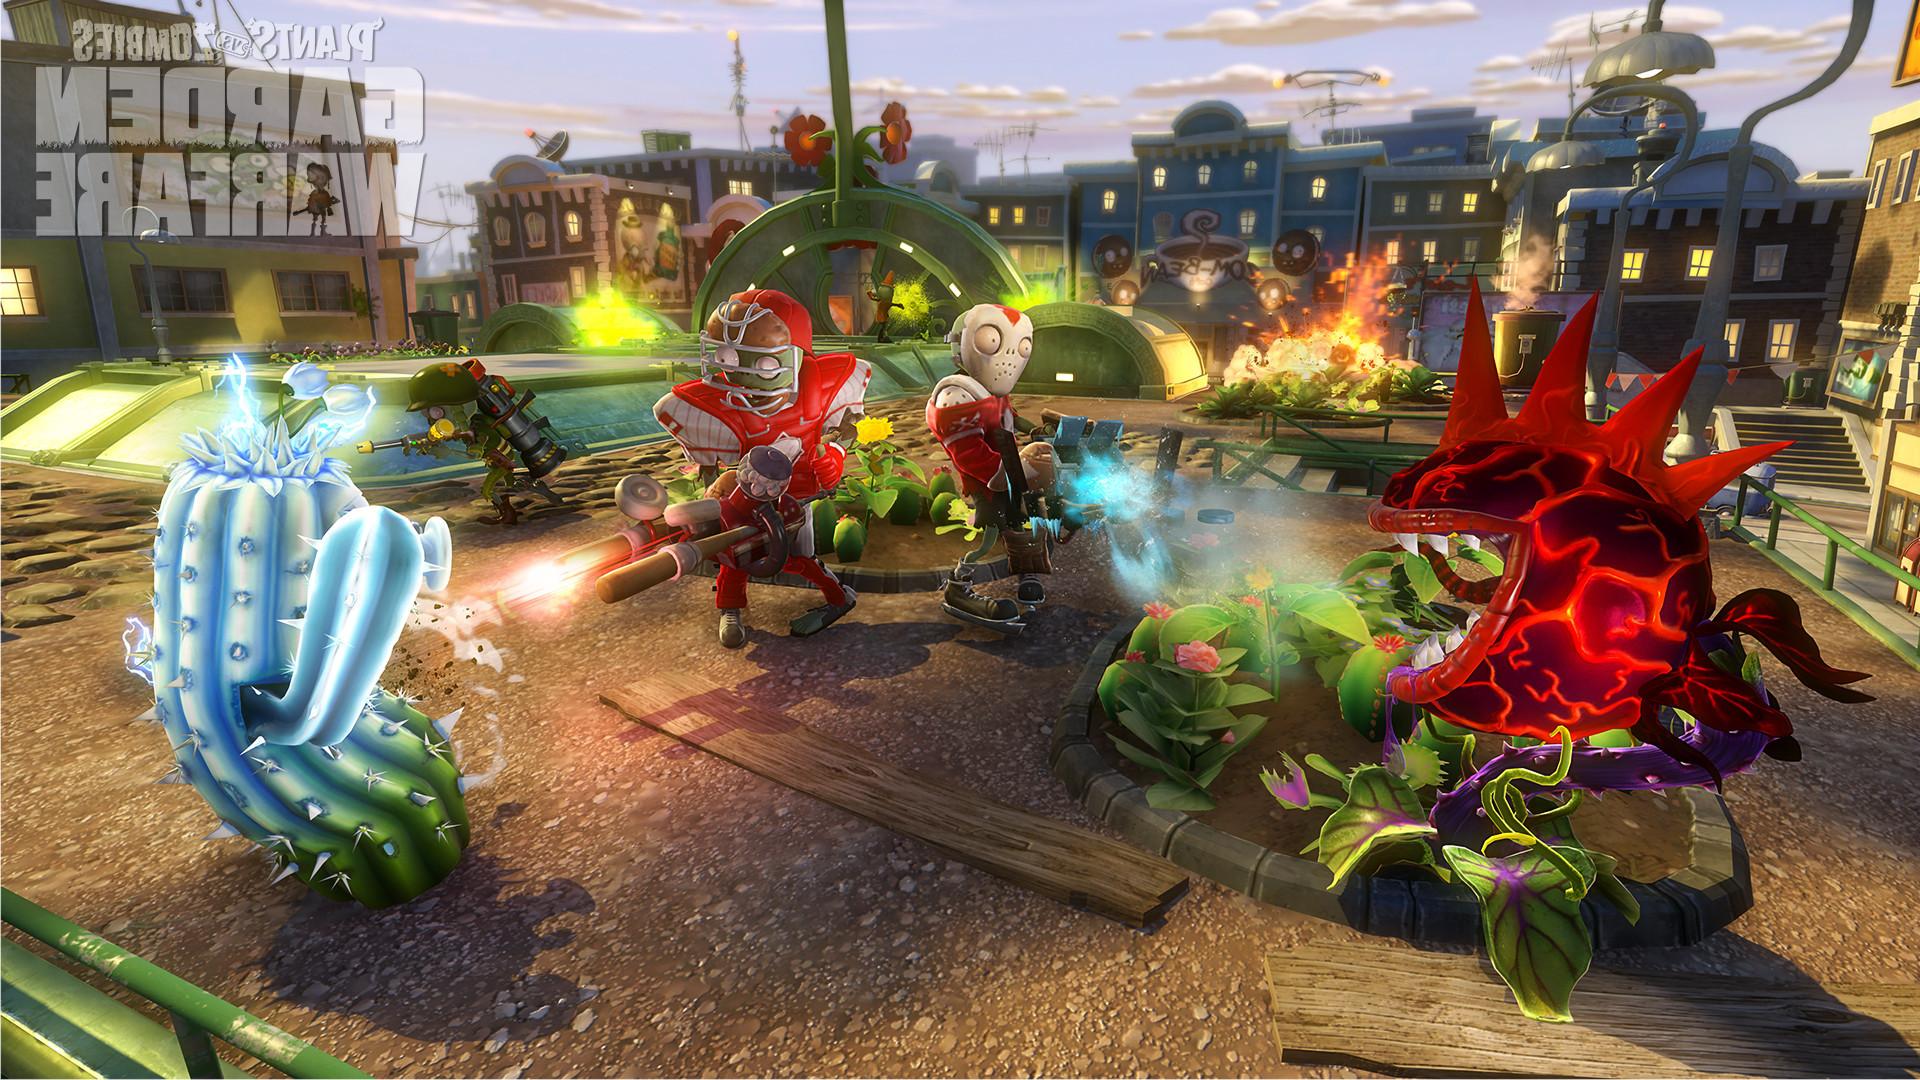 Ausmalbilder Pflanzen Gegen Zombies Neu 34 Einzigartig Pflanzen Vs Zombies Garden Warfare – Malvorlagen Ideen Das Bild